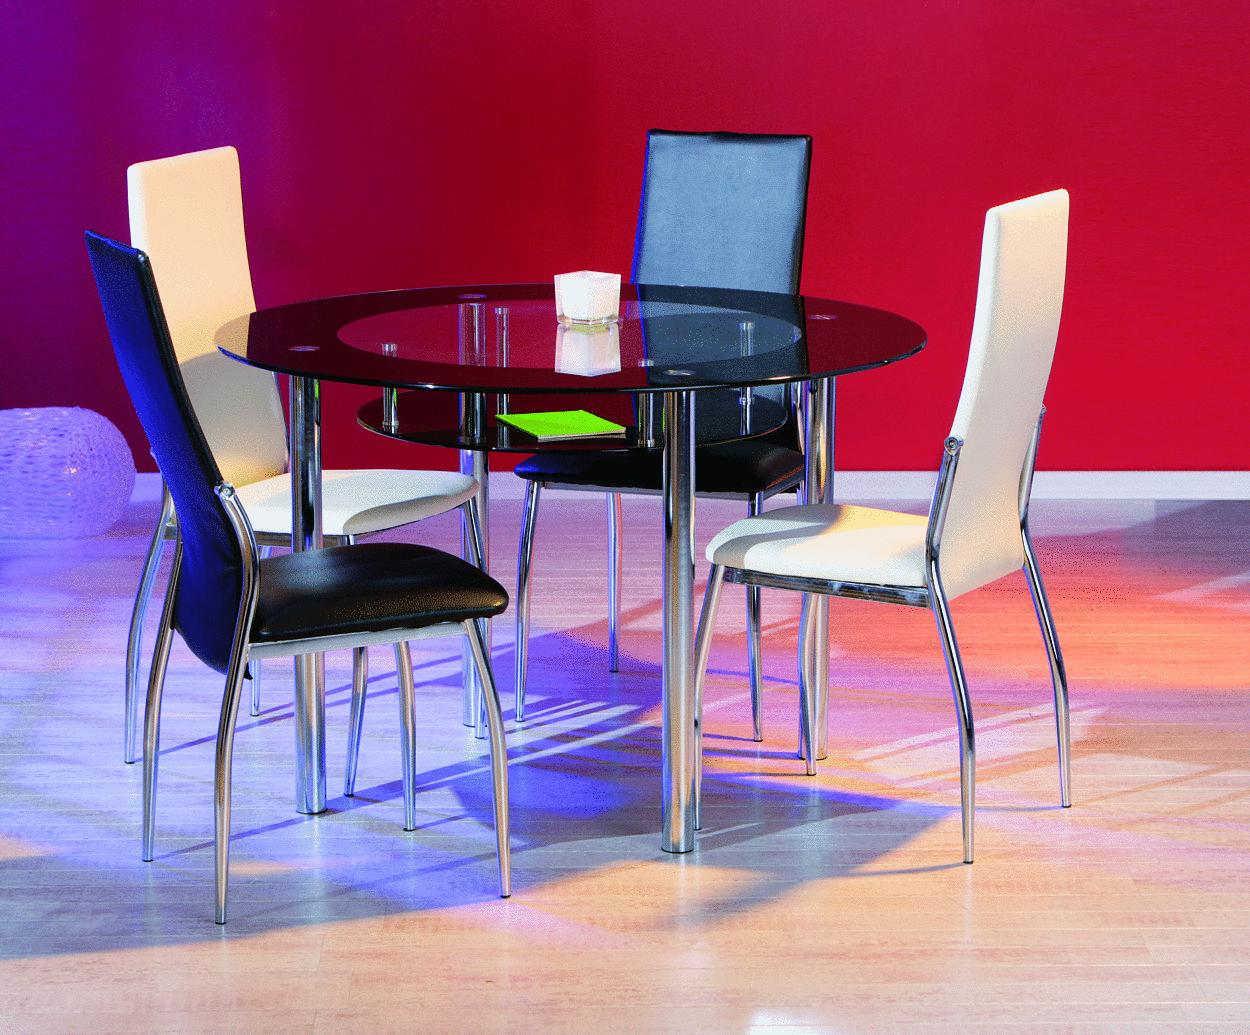 Glass tavolo moderno in vetro tavolo in due modelli per cucina - Tavolo di vetro per soggiorno ...